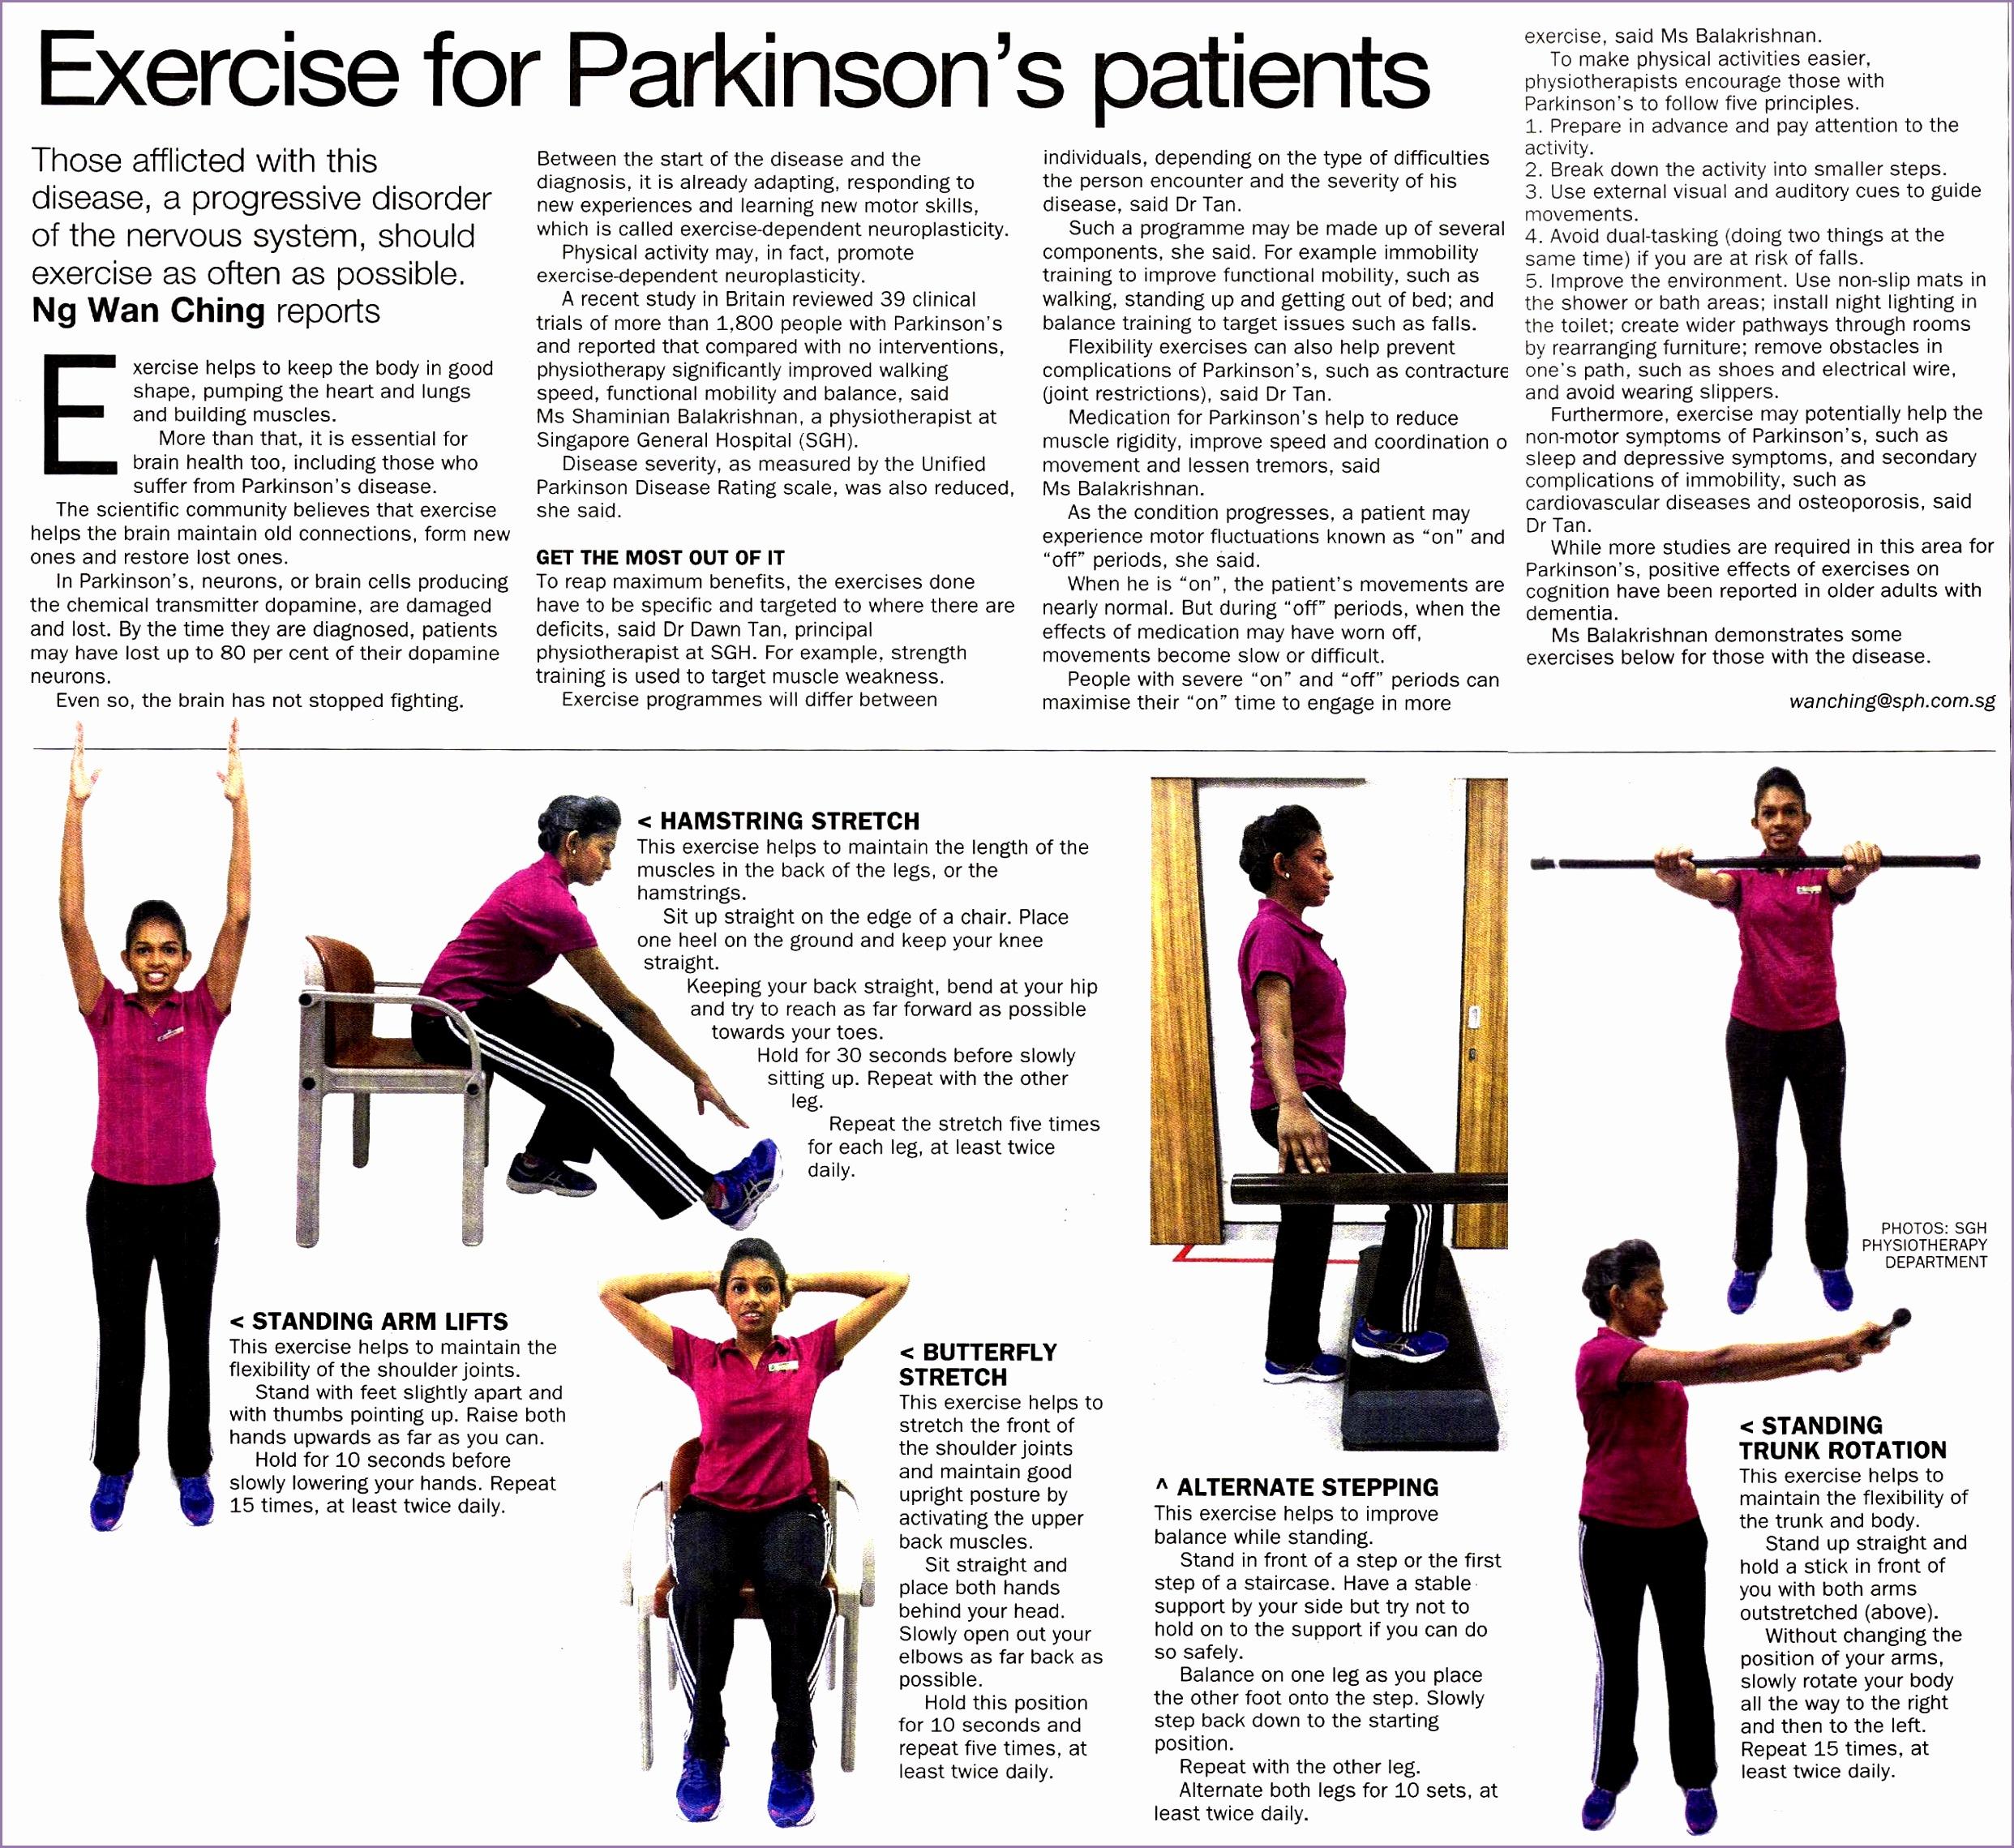 ExerciseforParkinsonspatients